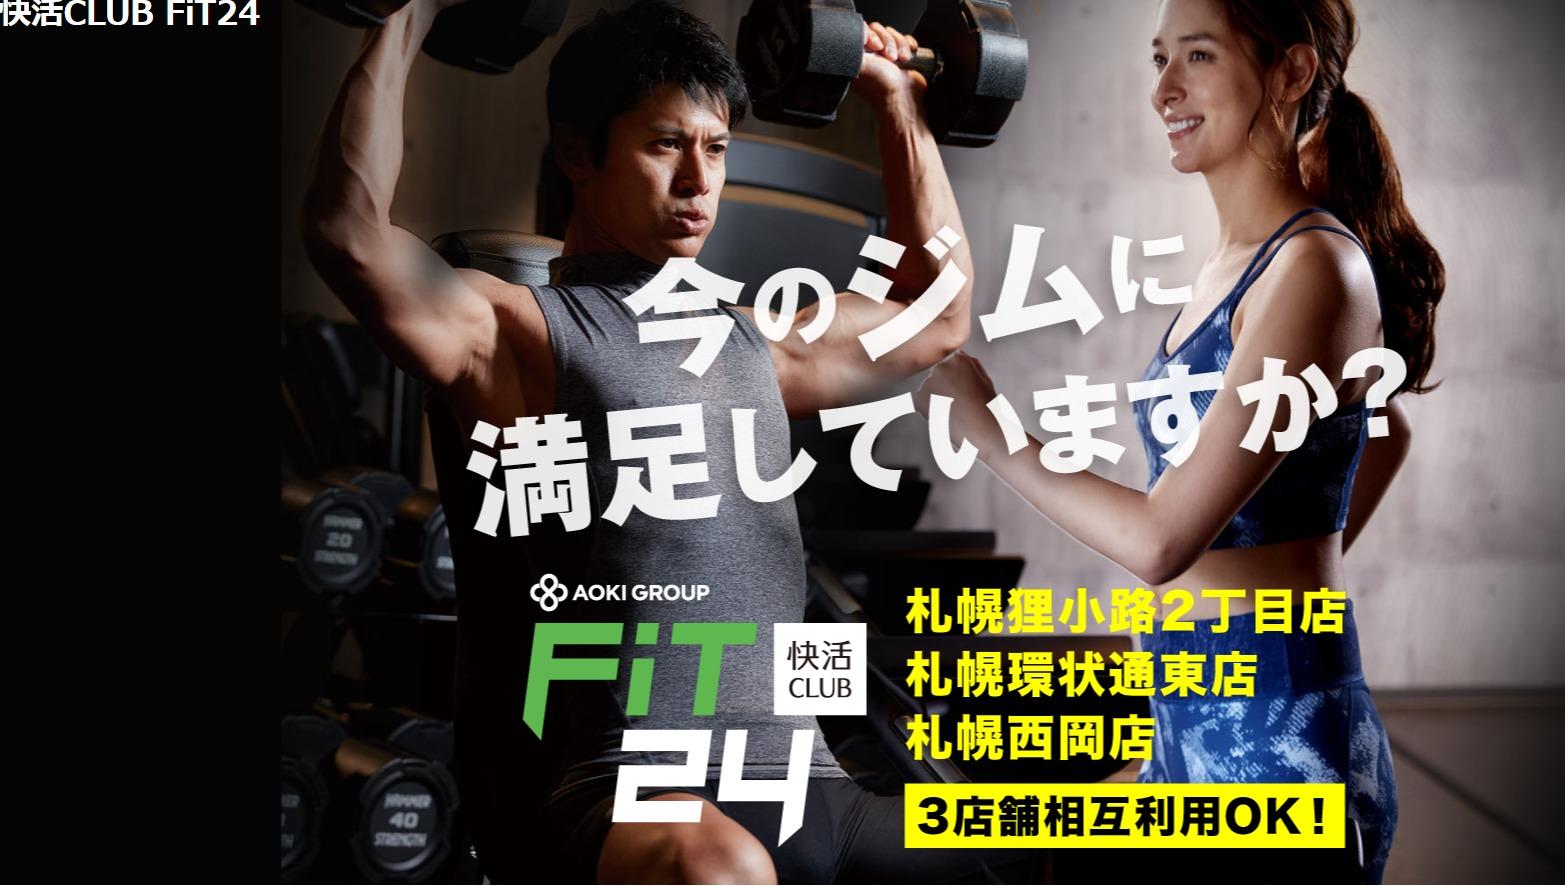 快活CLUB Fit24 札幌狸小路2丁目店の施設画像